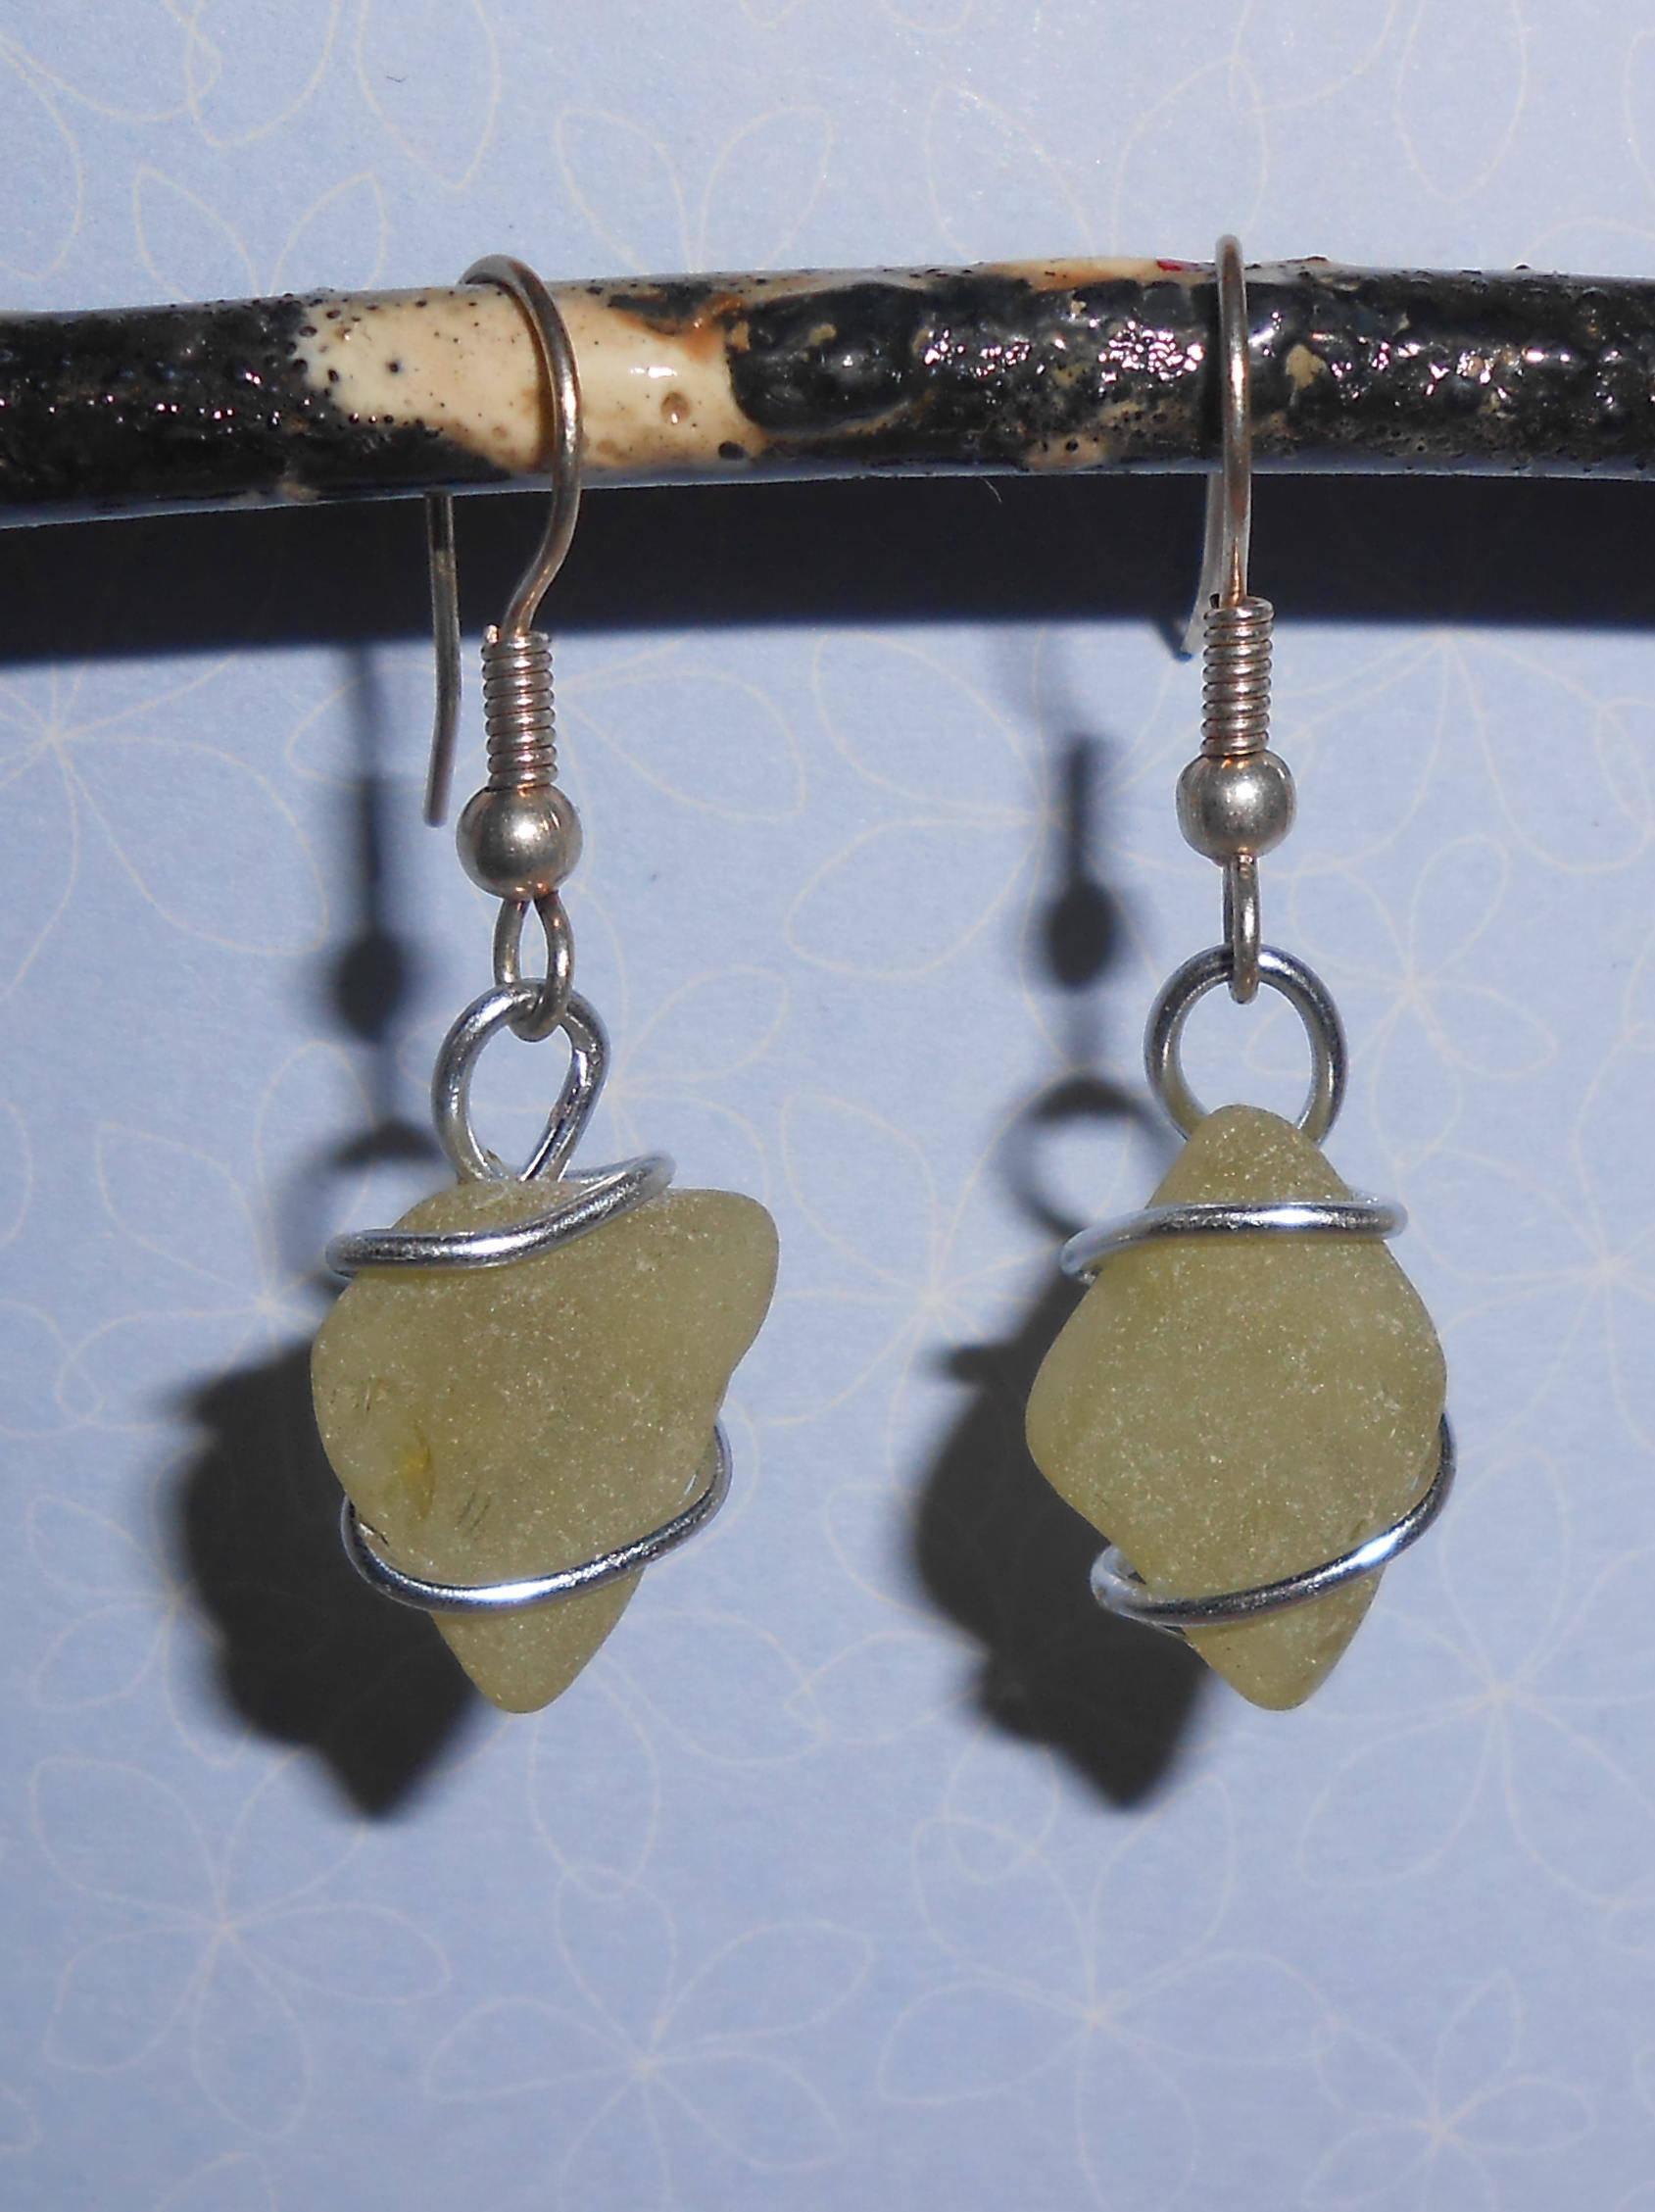 Boucles d'oreilles en verre poli par la mer